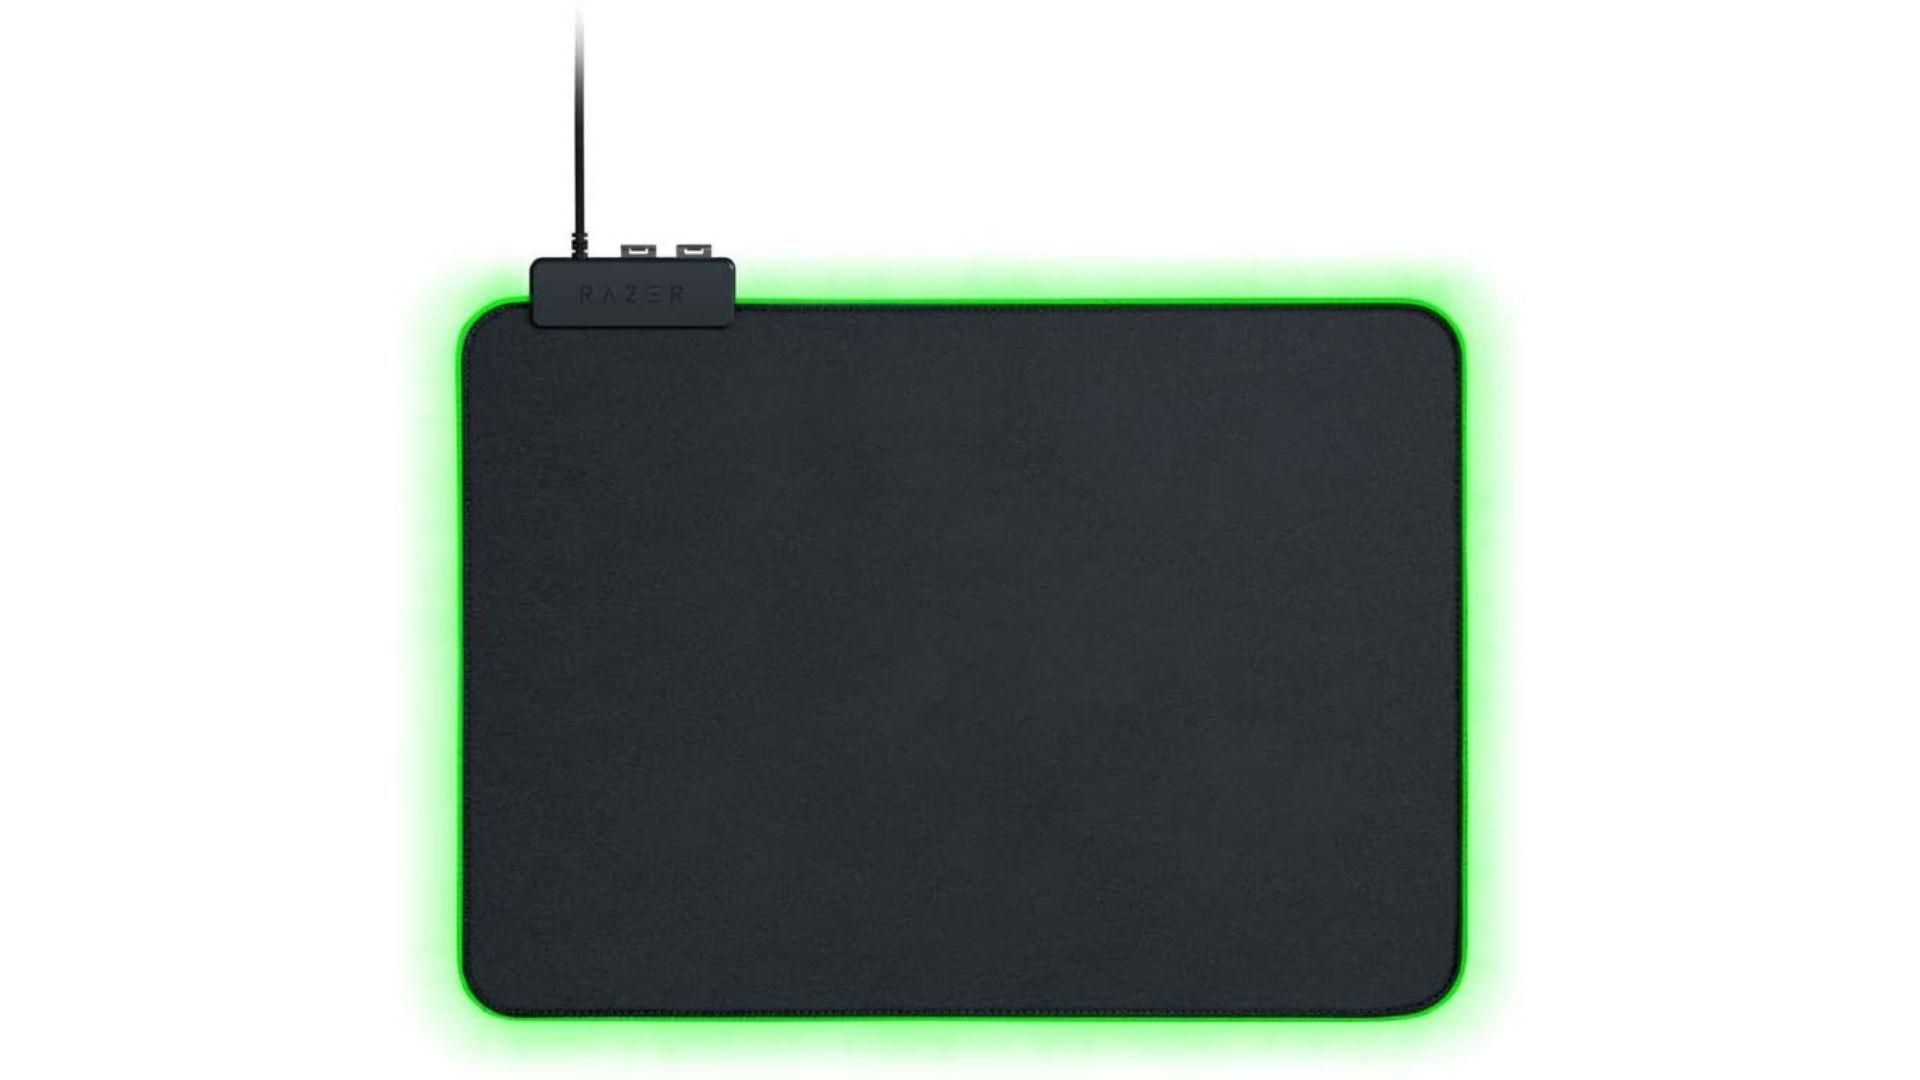 Mouse Pad Razer Goliathus Chroma preto com led verde no fundo branco